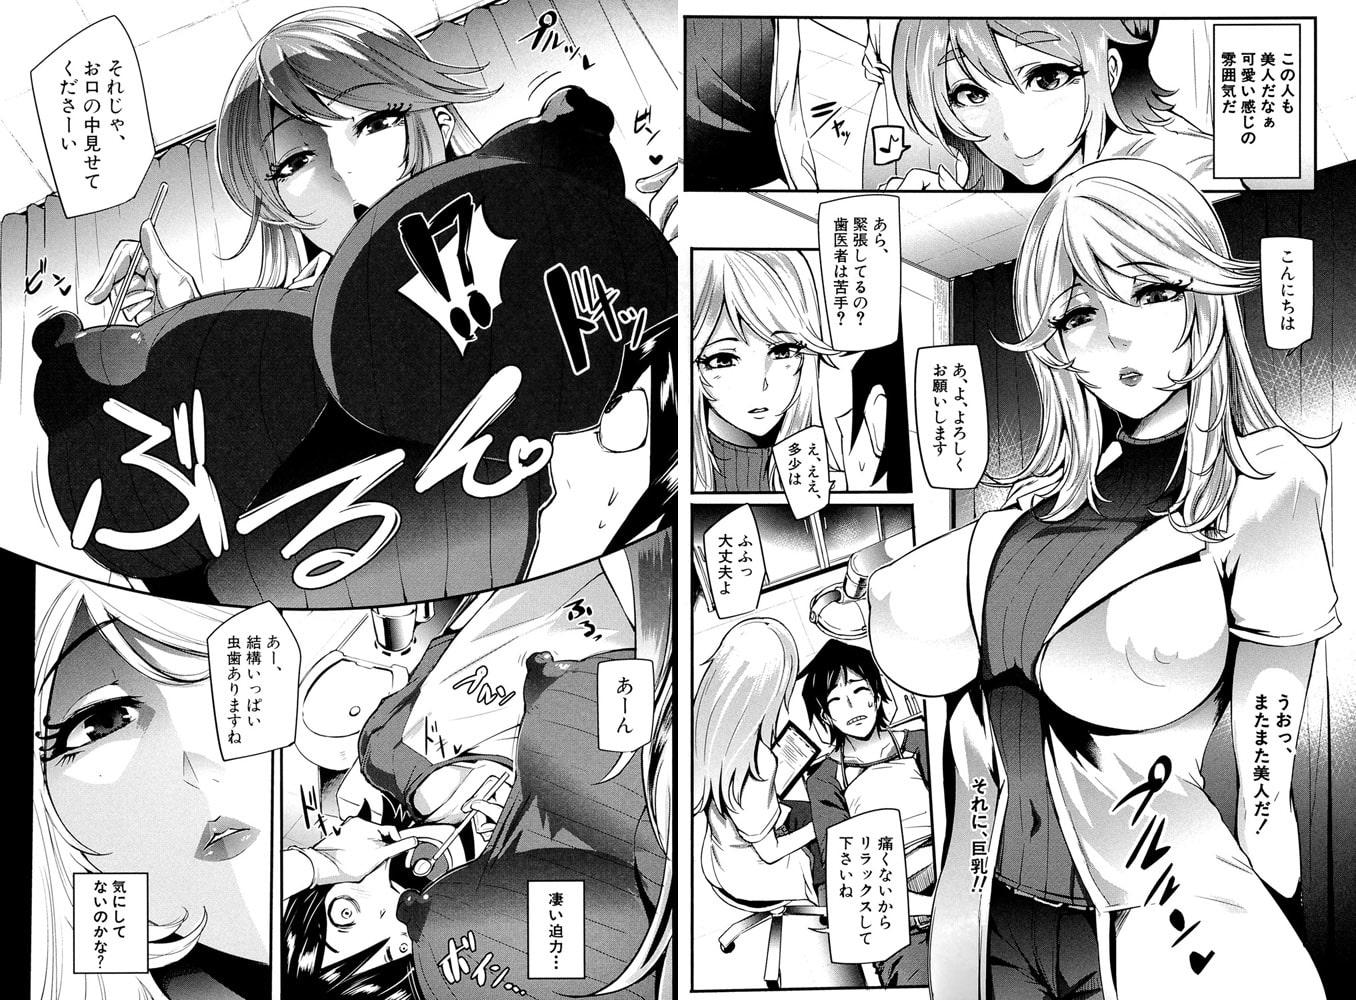 女医(MUJIN COMICS 名作集 vol.9)(おとちち/ズッキーニ/香吹茂之/ワンダ龍也)